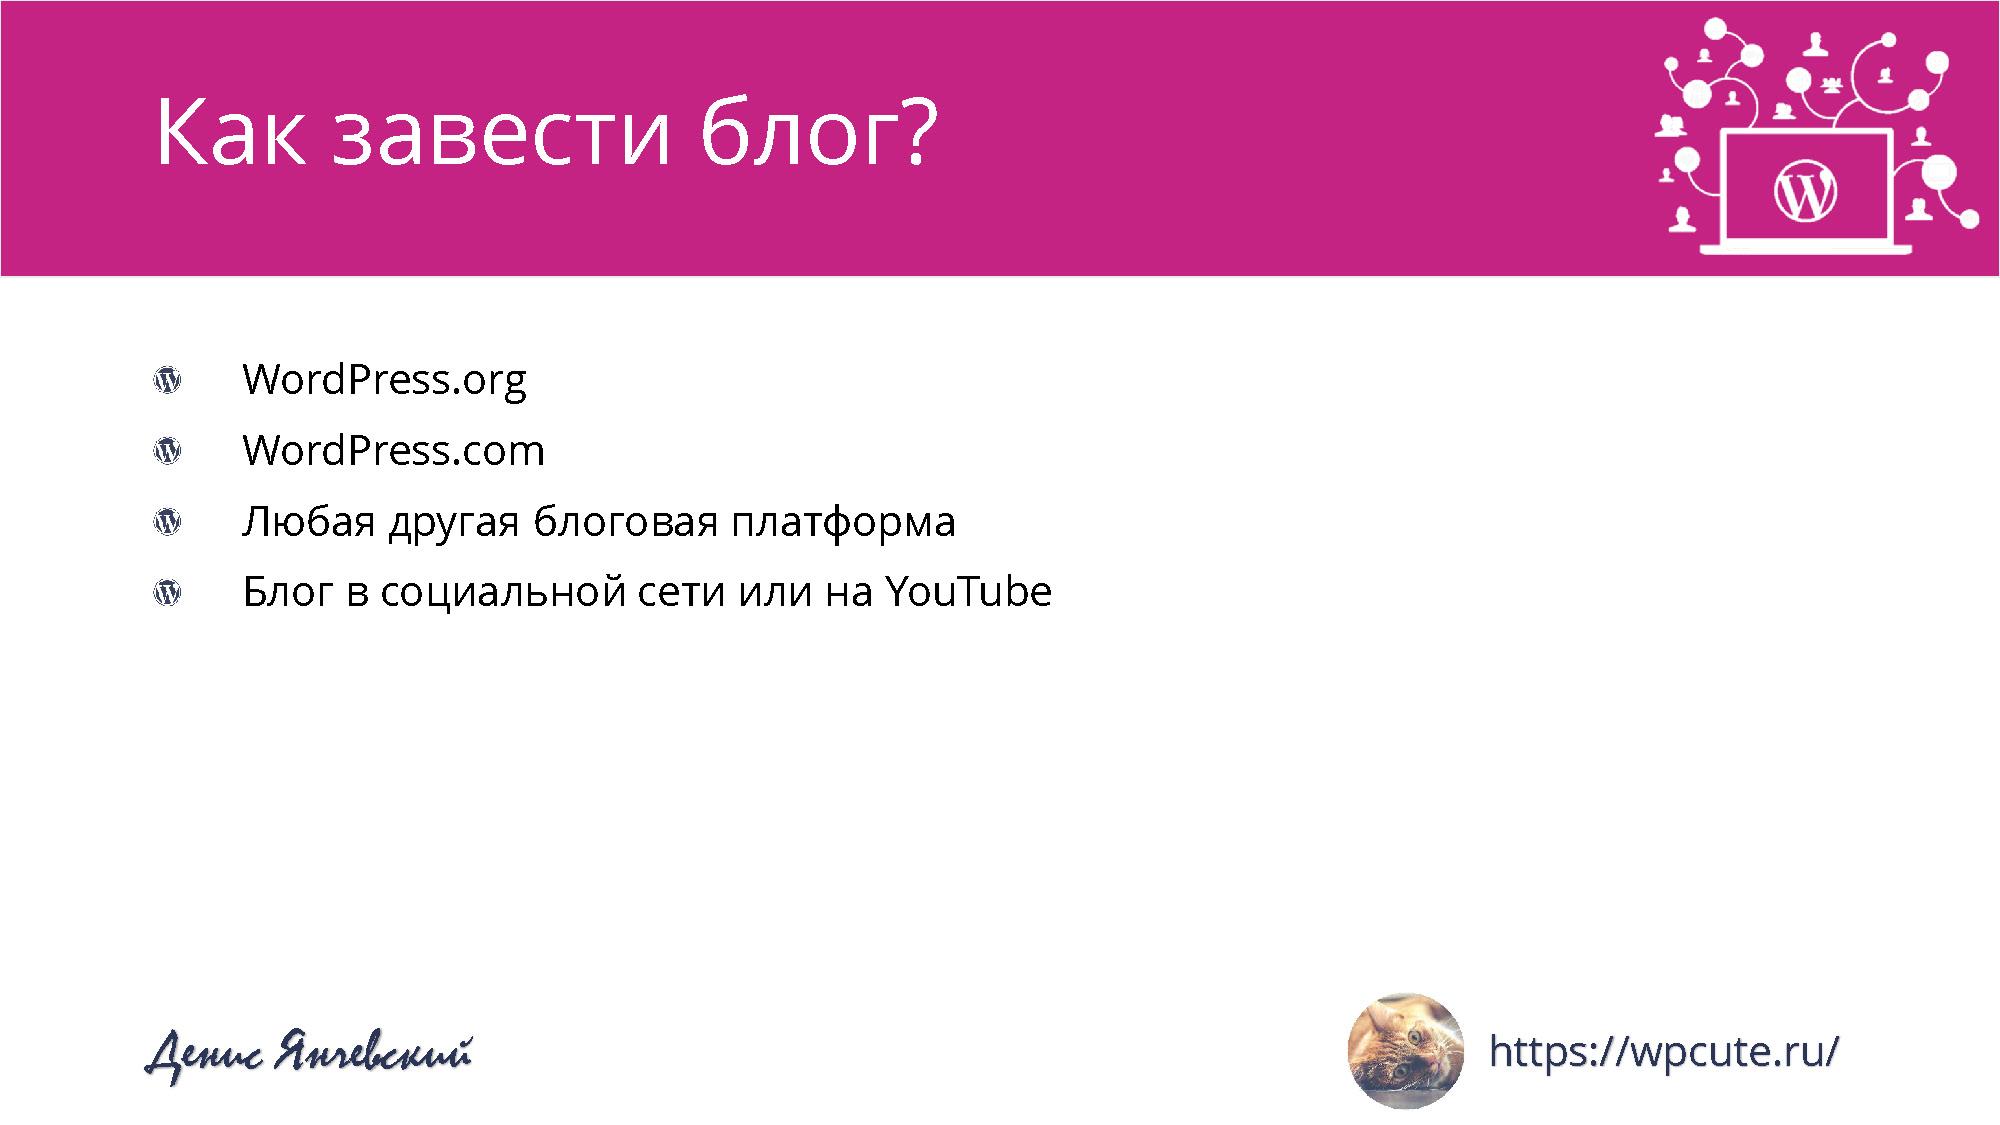 Kak_zavesti_i_dlya_chego_ispolzovat_blog_razrabotchiku__Denis_Yanchevskiy_Страница_05